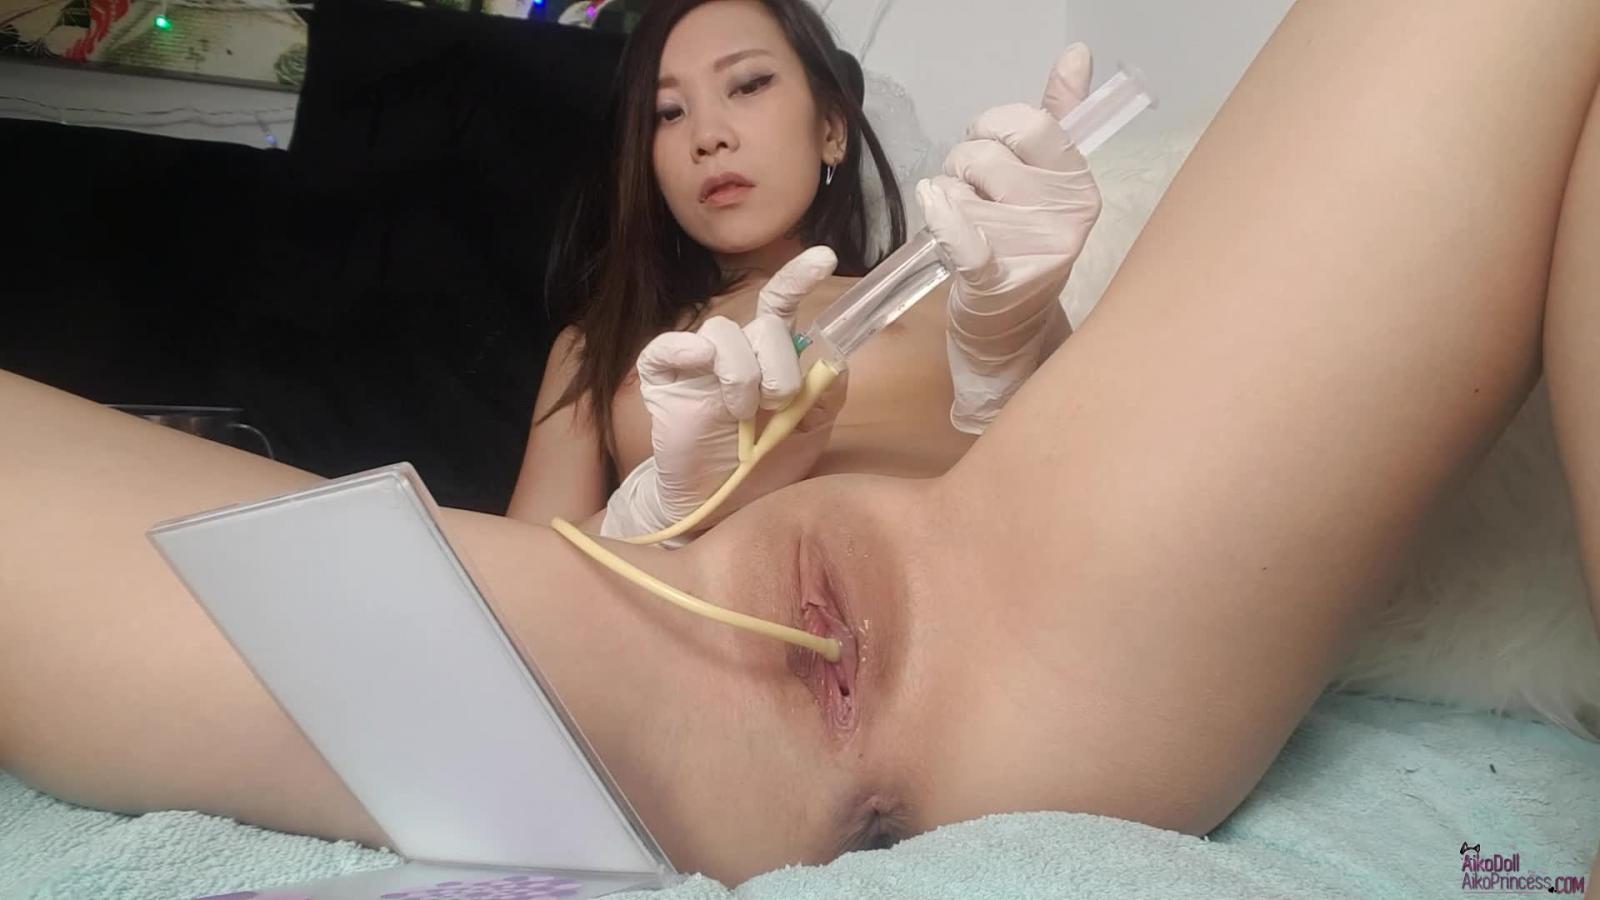 Urine catheterization pictures sex